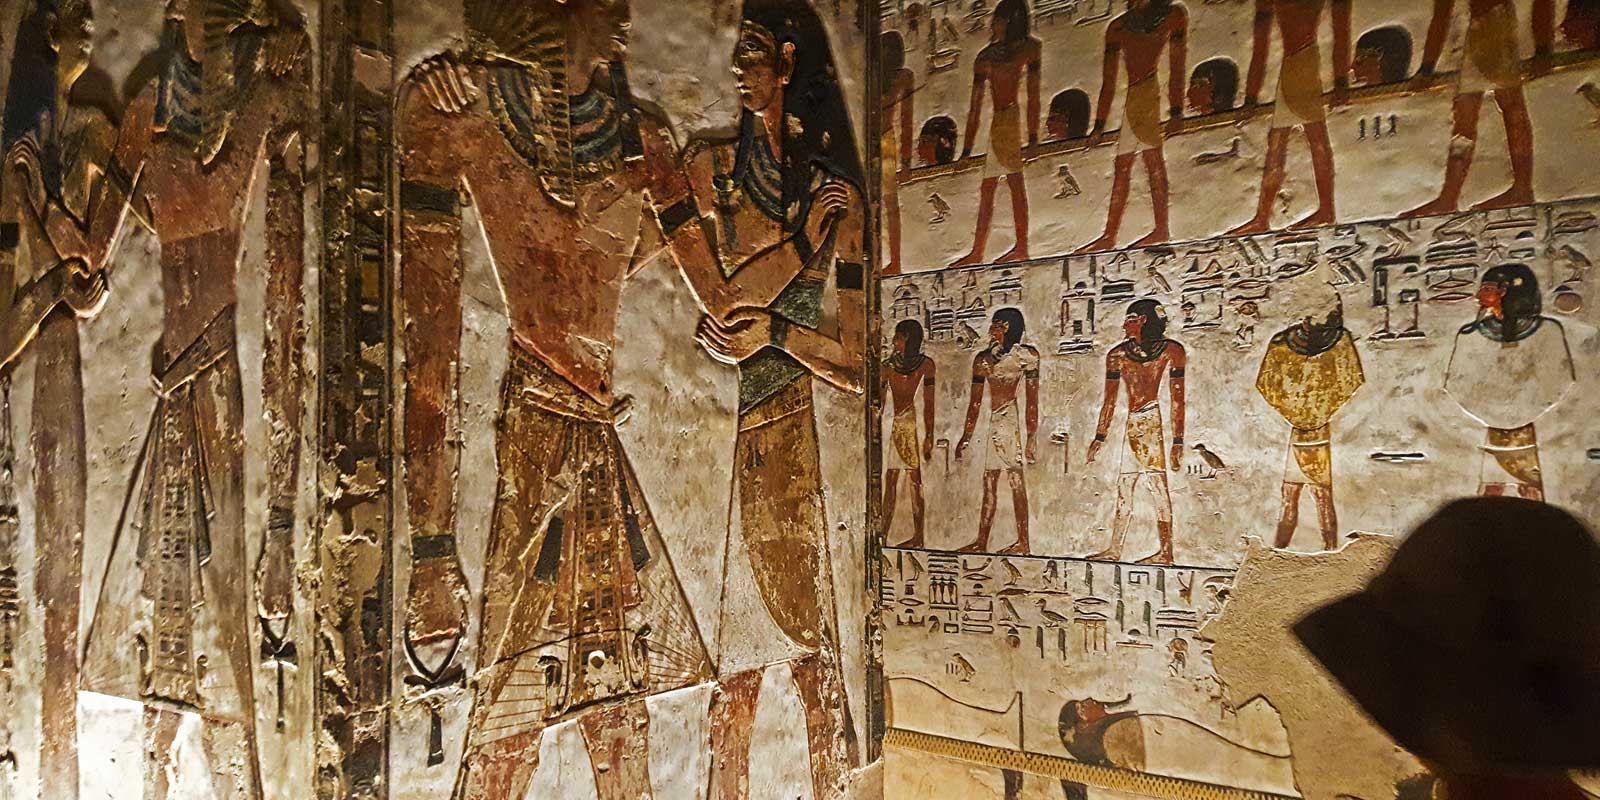 OCOA_TRAVEL_EGYPTO_2021_10